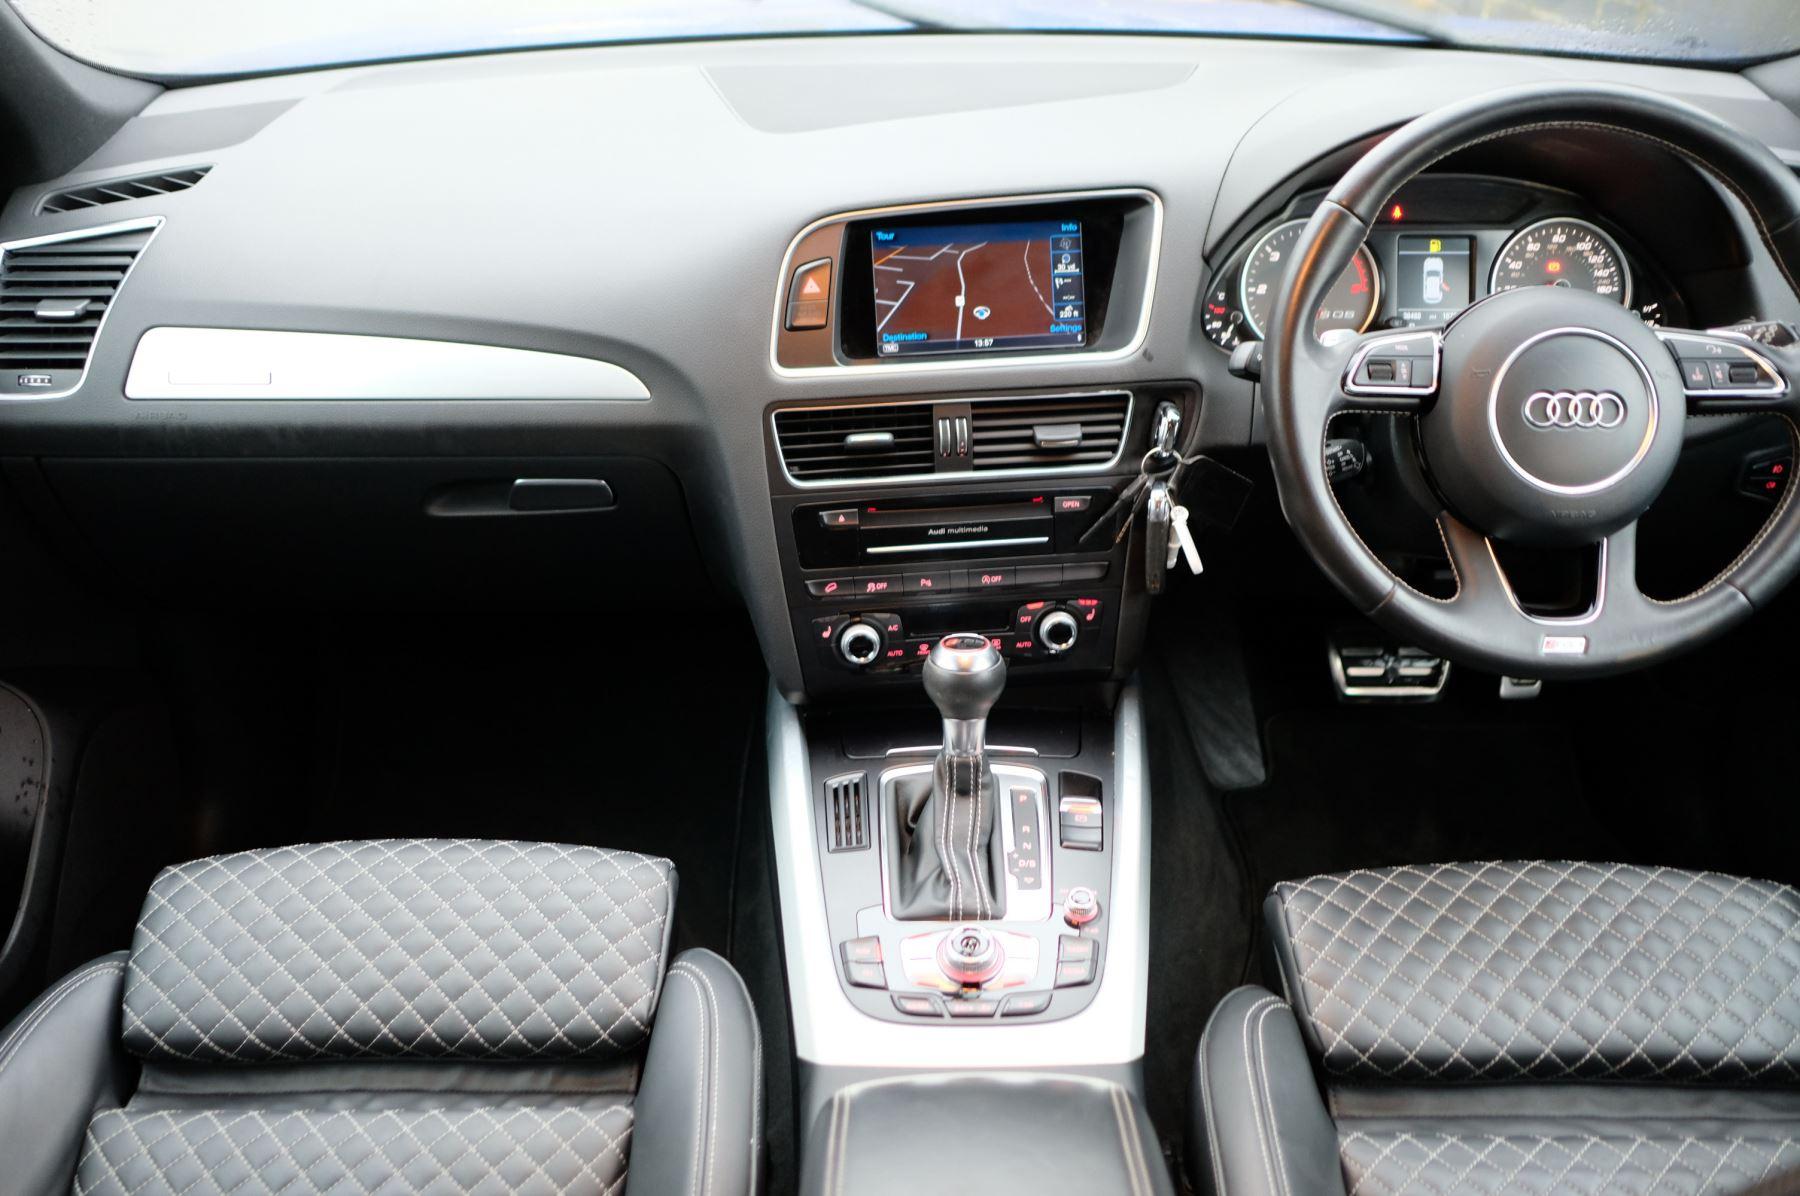 Audi Q5 SQ5 Plus Quattro 5dr Tip - Adaptive cruise control image 18